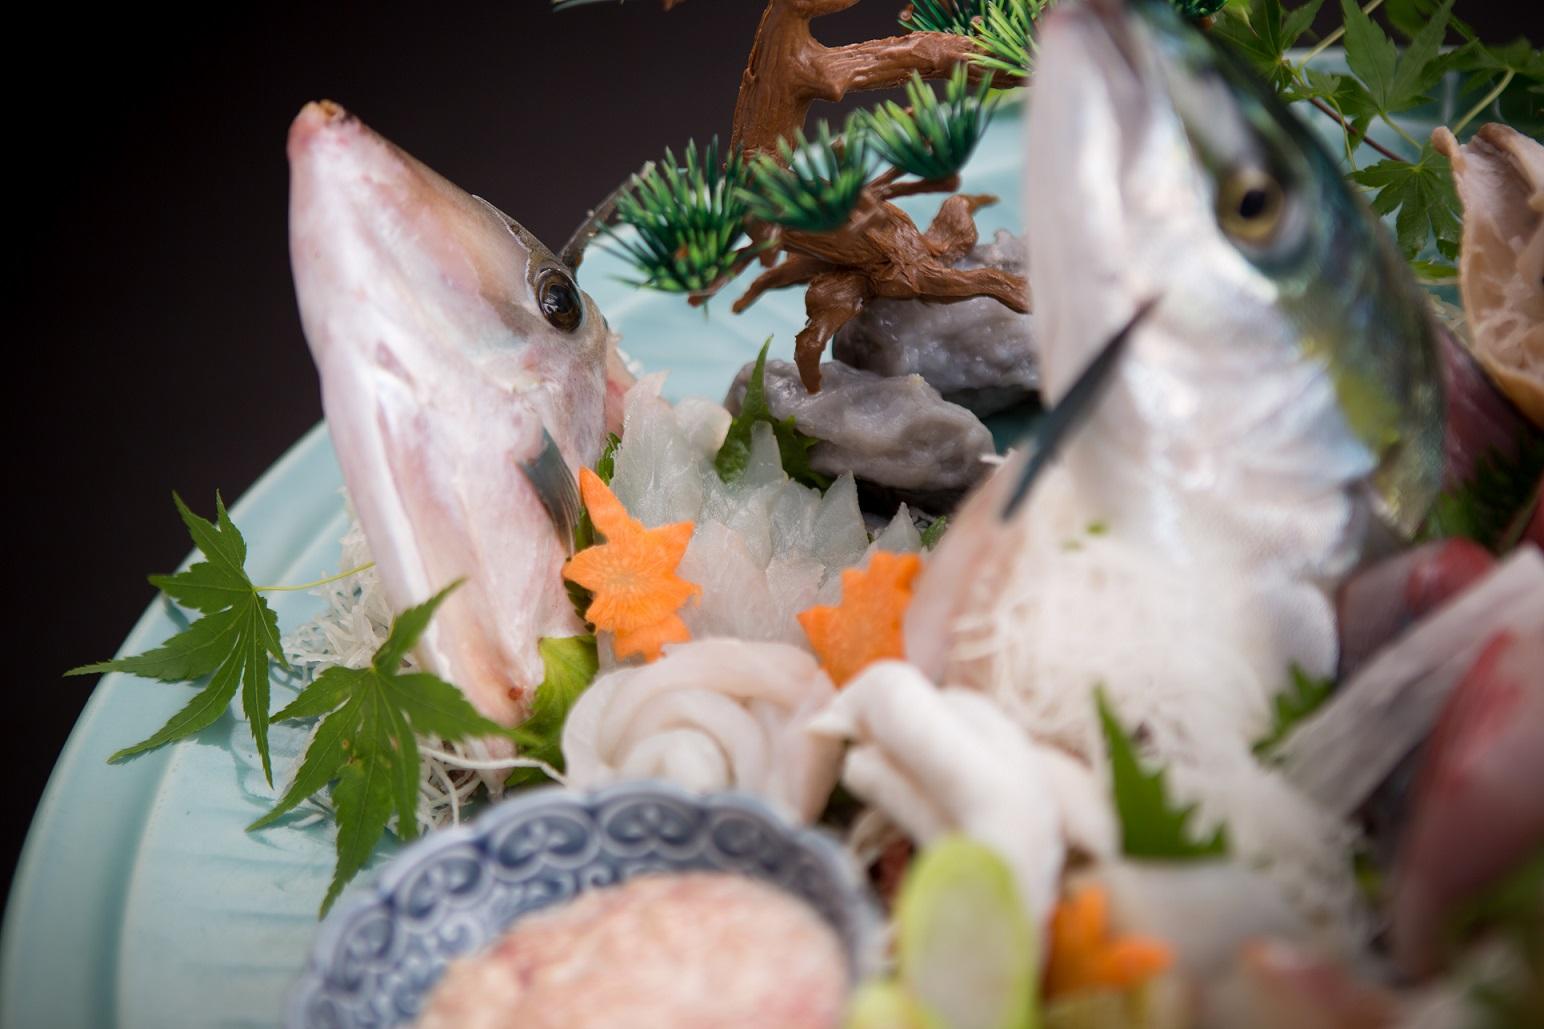 姿盛り地魚